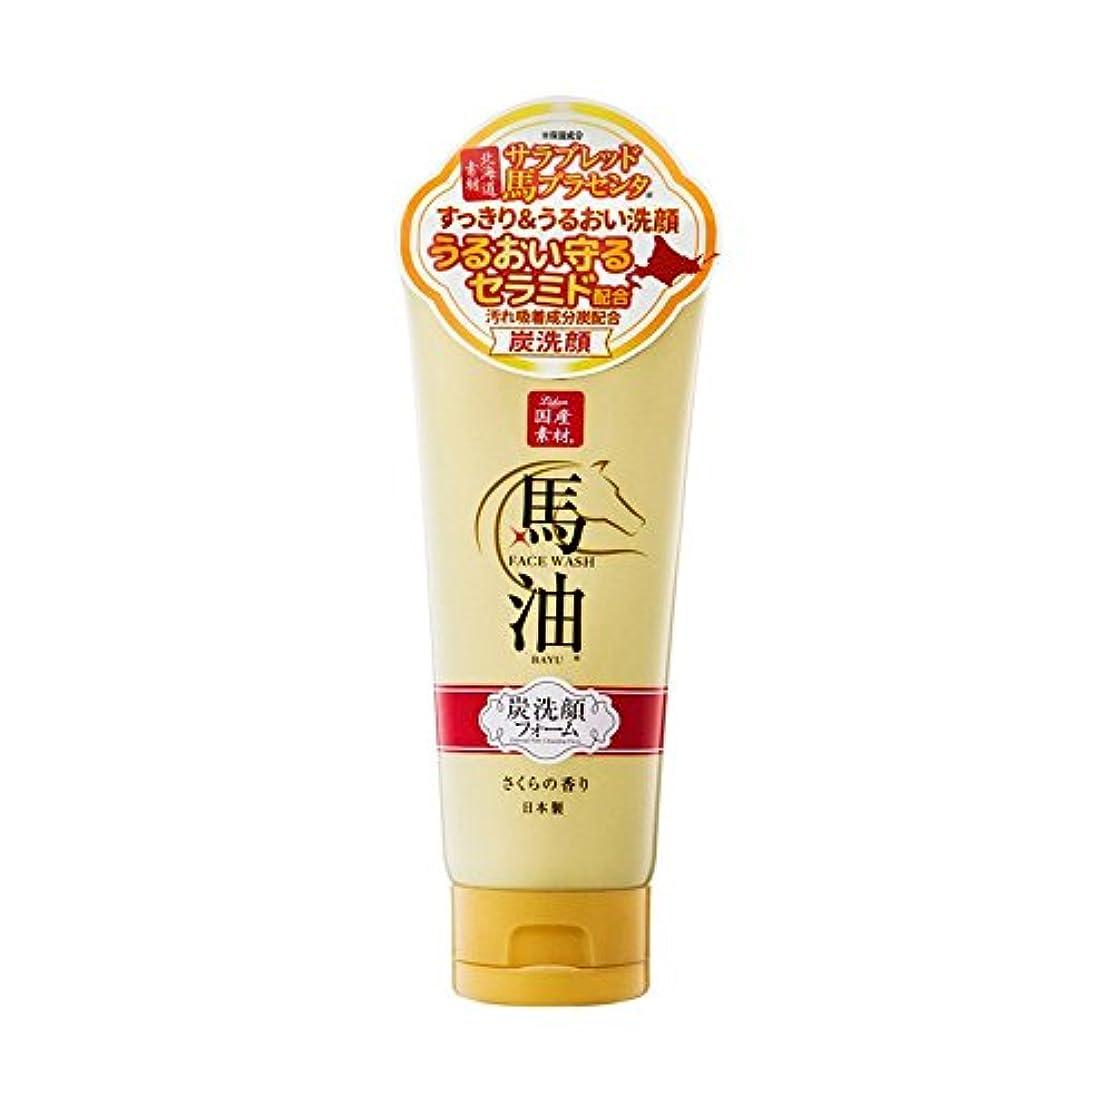 はちみつクレーター永久にリシャン 馬油&炭洗顔フォーム(さくらの香り)(内容量130g)